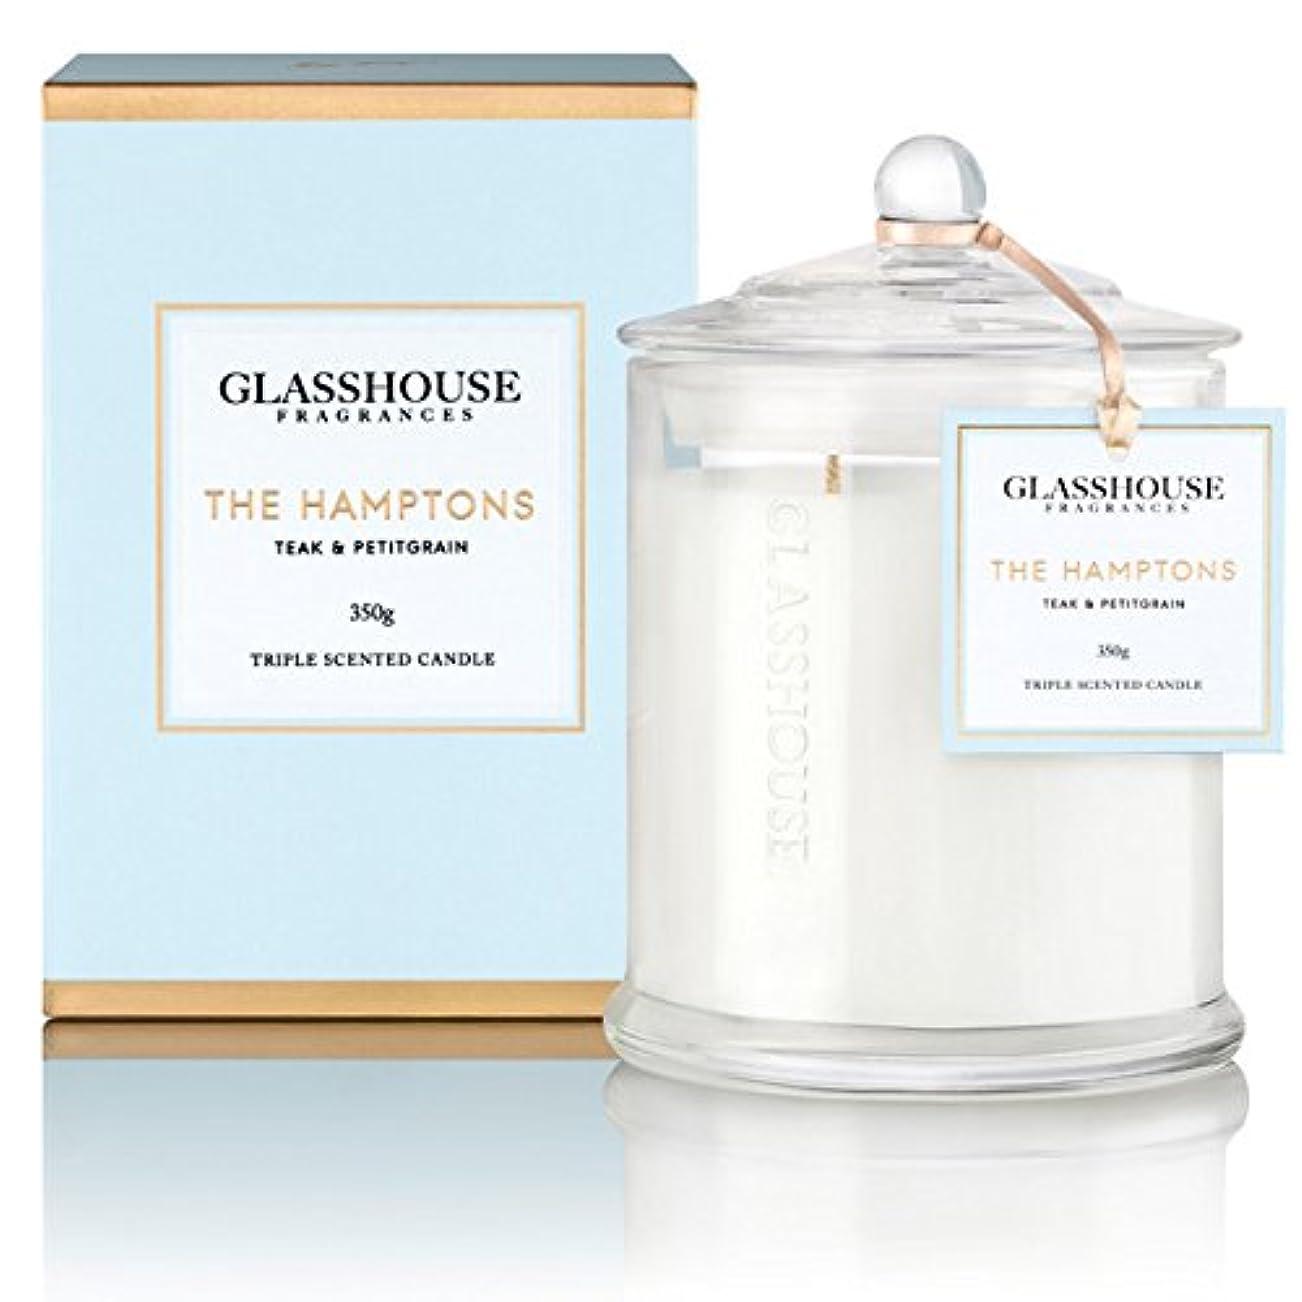 テロ公爵石膏GLASSHOUSE グラスハウス アロマキャンドル (ハンプトンズ) ウッディフローラル 350g